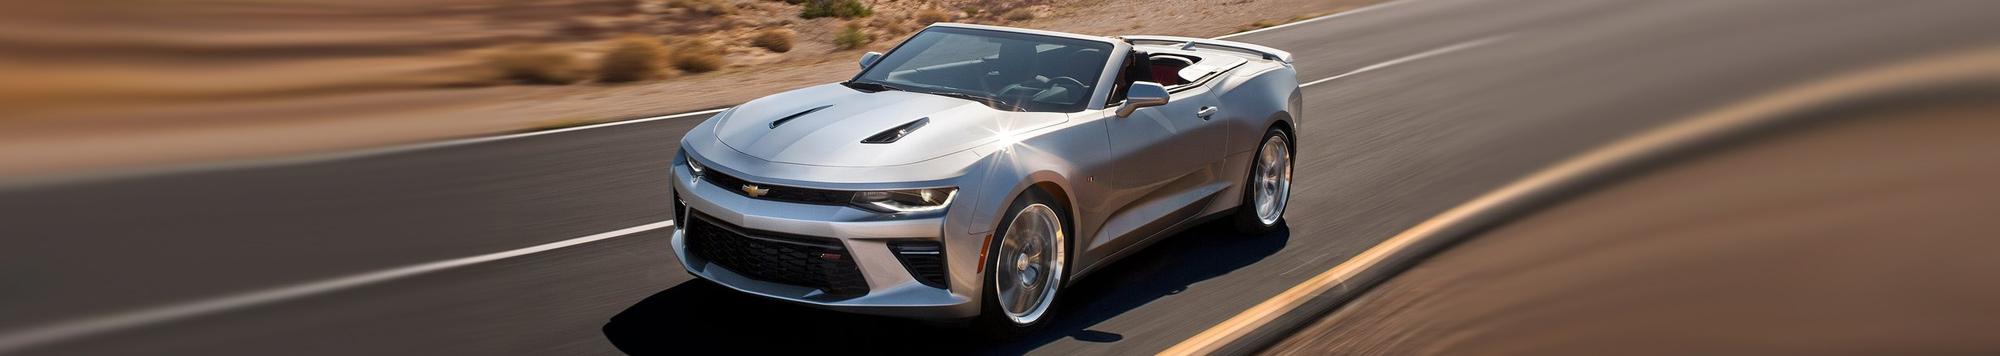 Mega Auto - Used Cars - Everett MA Dealer